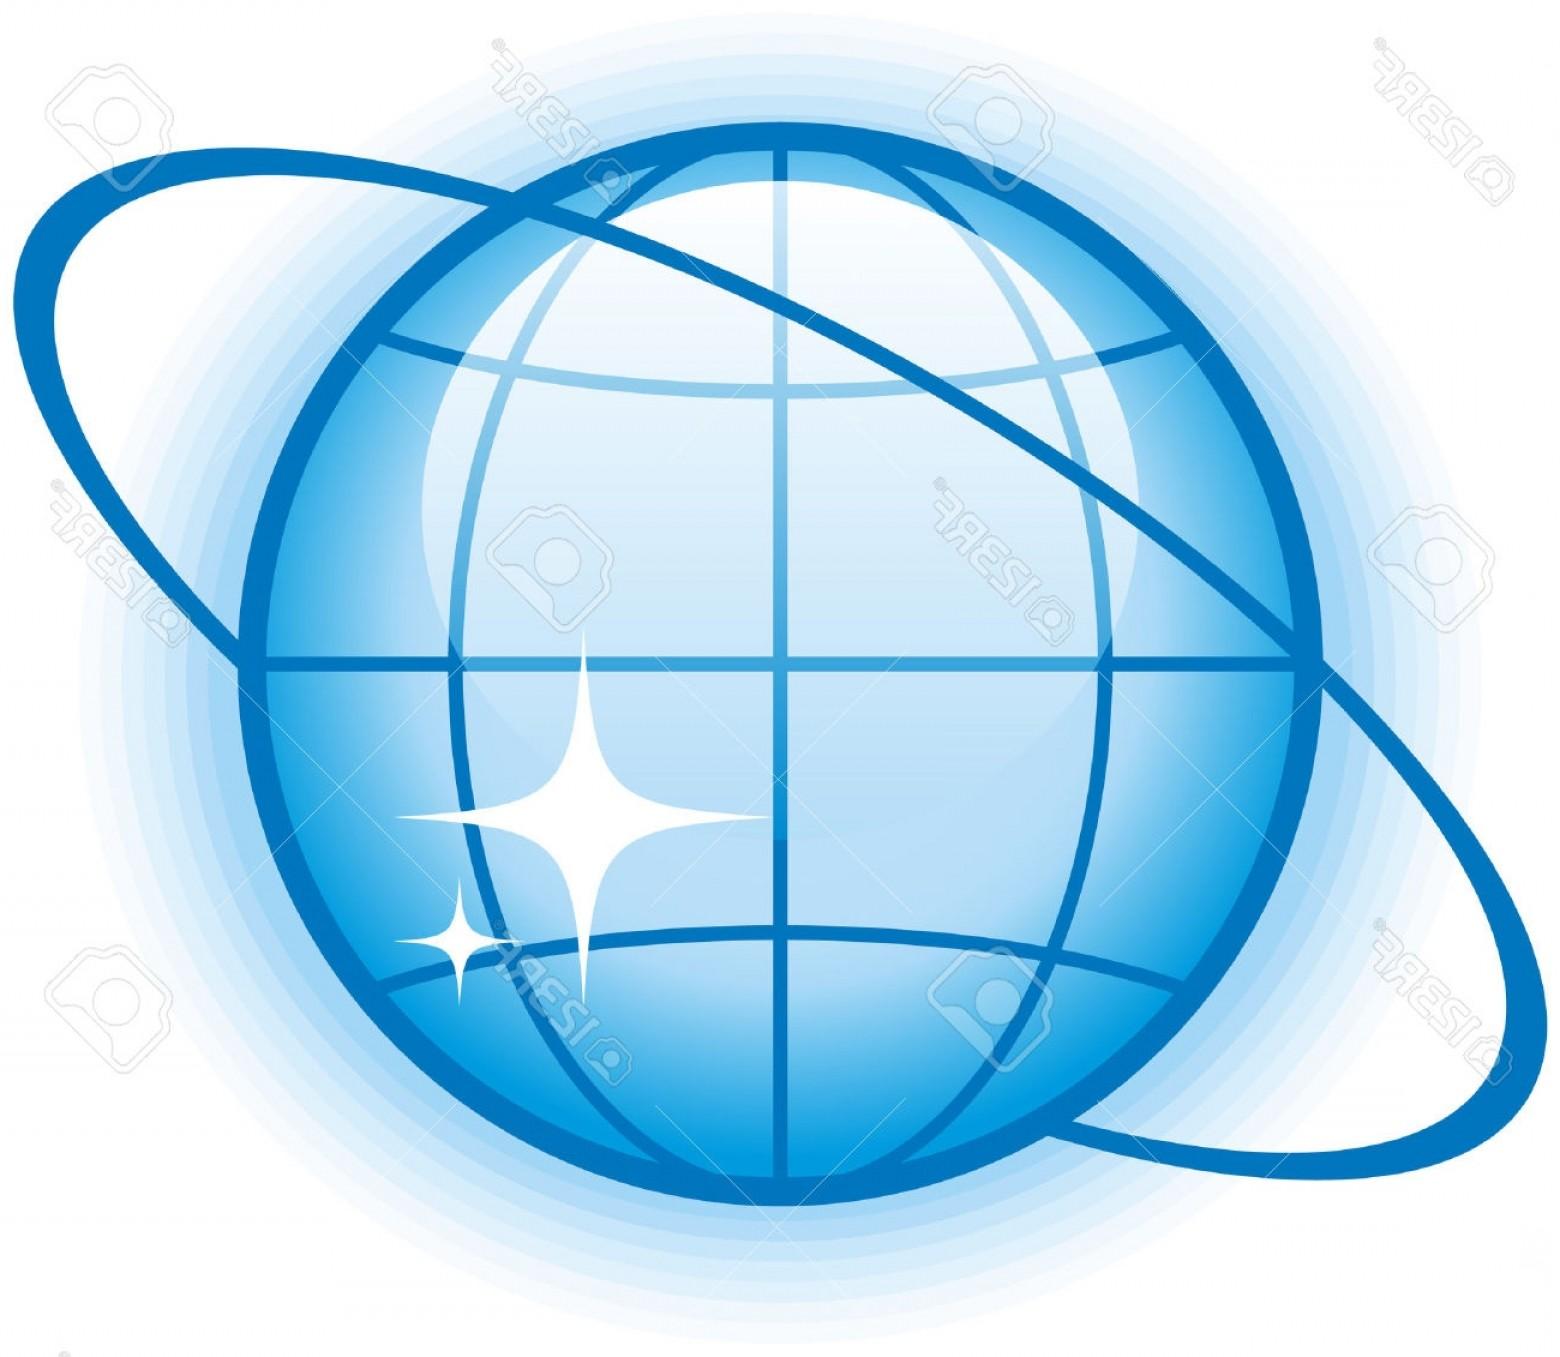 Logo clipart website jpg library stock Best Website Vector Logo Layout | VectoRealy jpg library stock